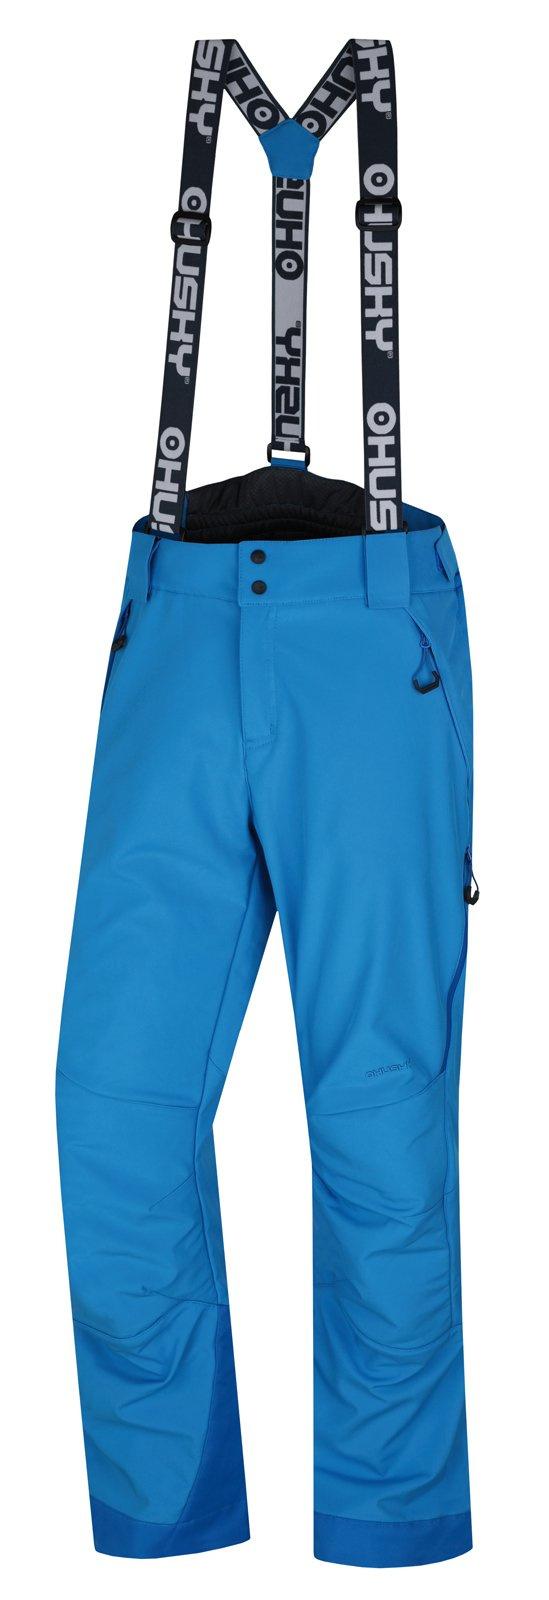 Husky Galti M 2018 modrá, XL Pánske lyžiarske nohavice